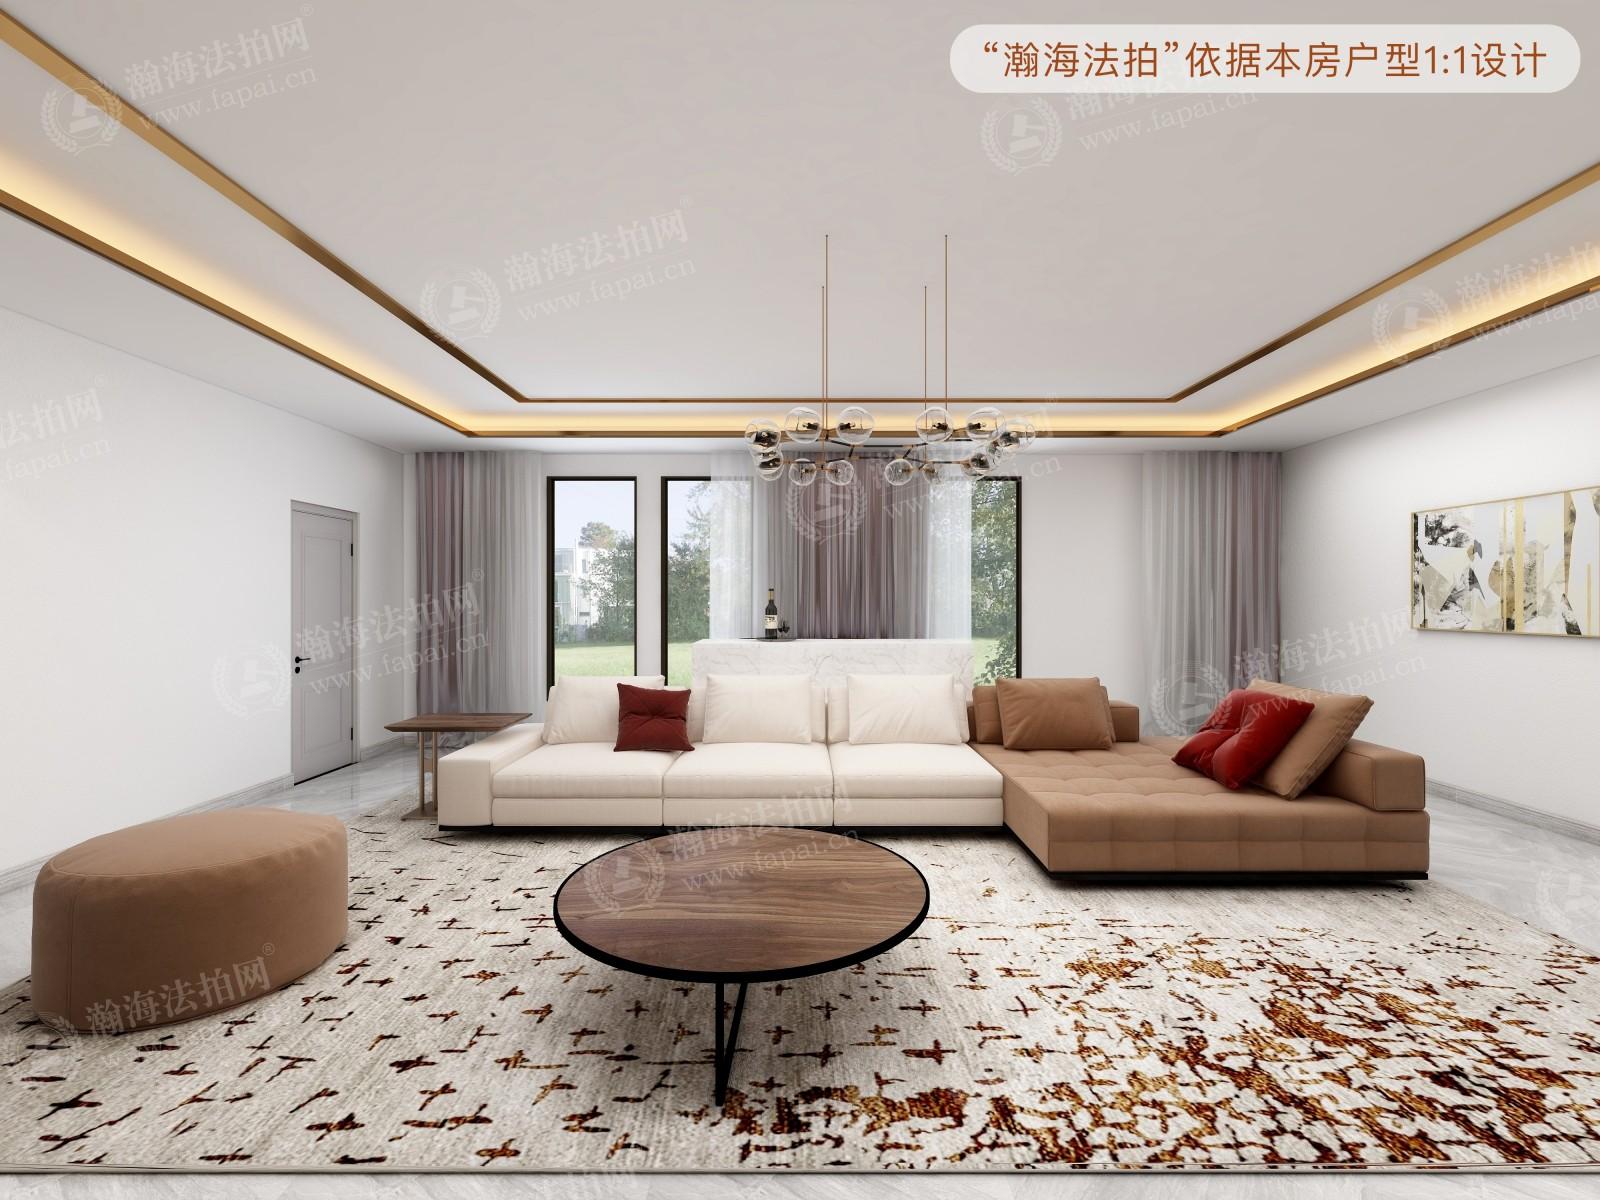 北京湾四区48号(独栋别墅)